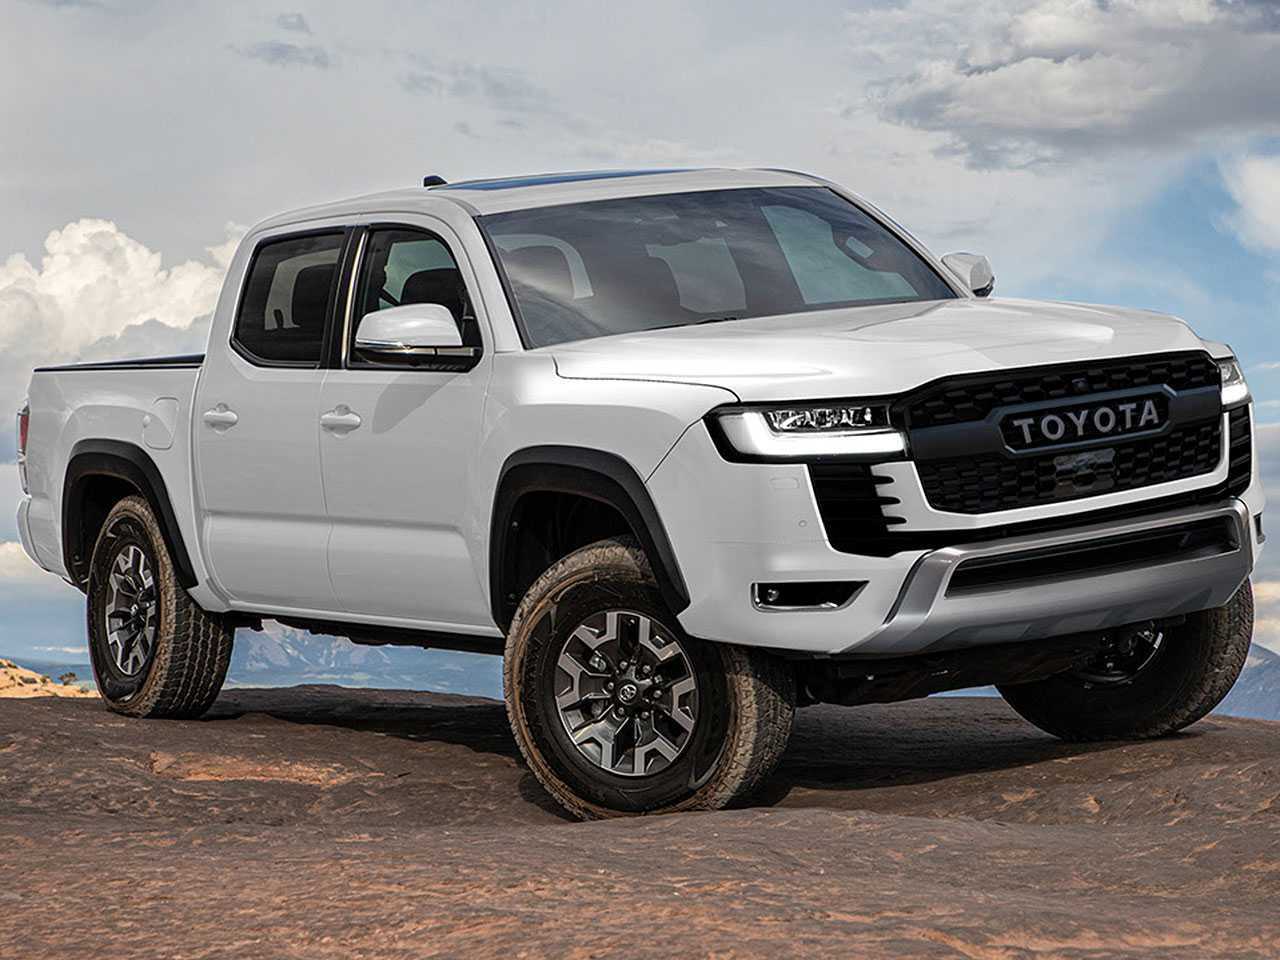 Projeção de Kleber Silva para a próxima geração da Toyota Hilux